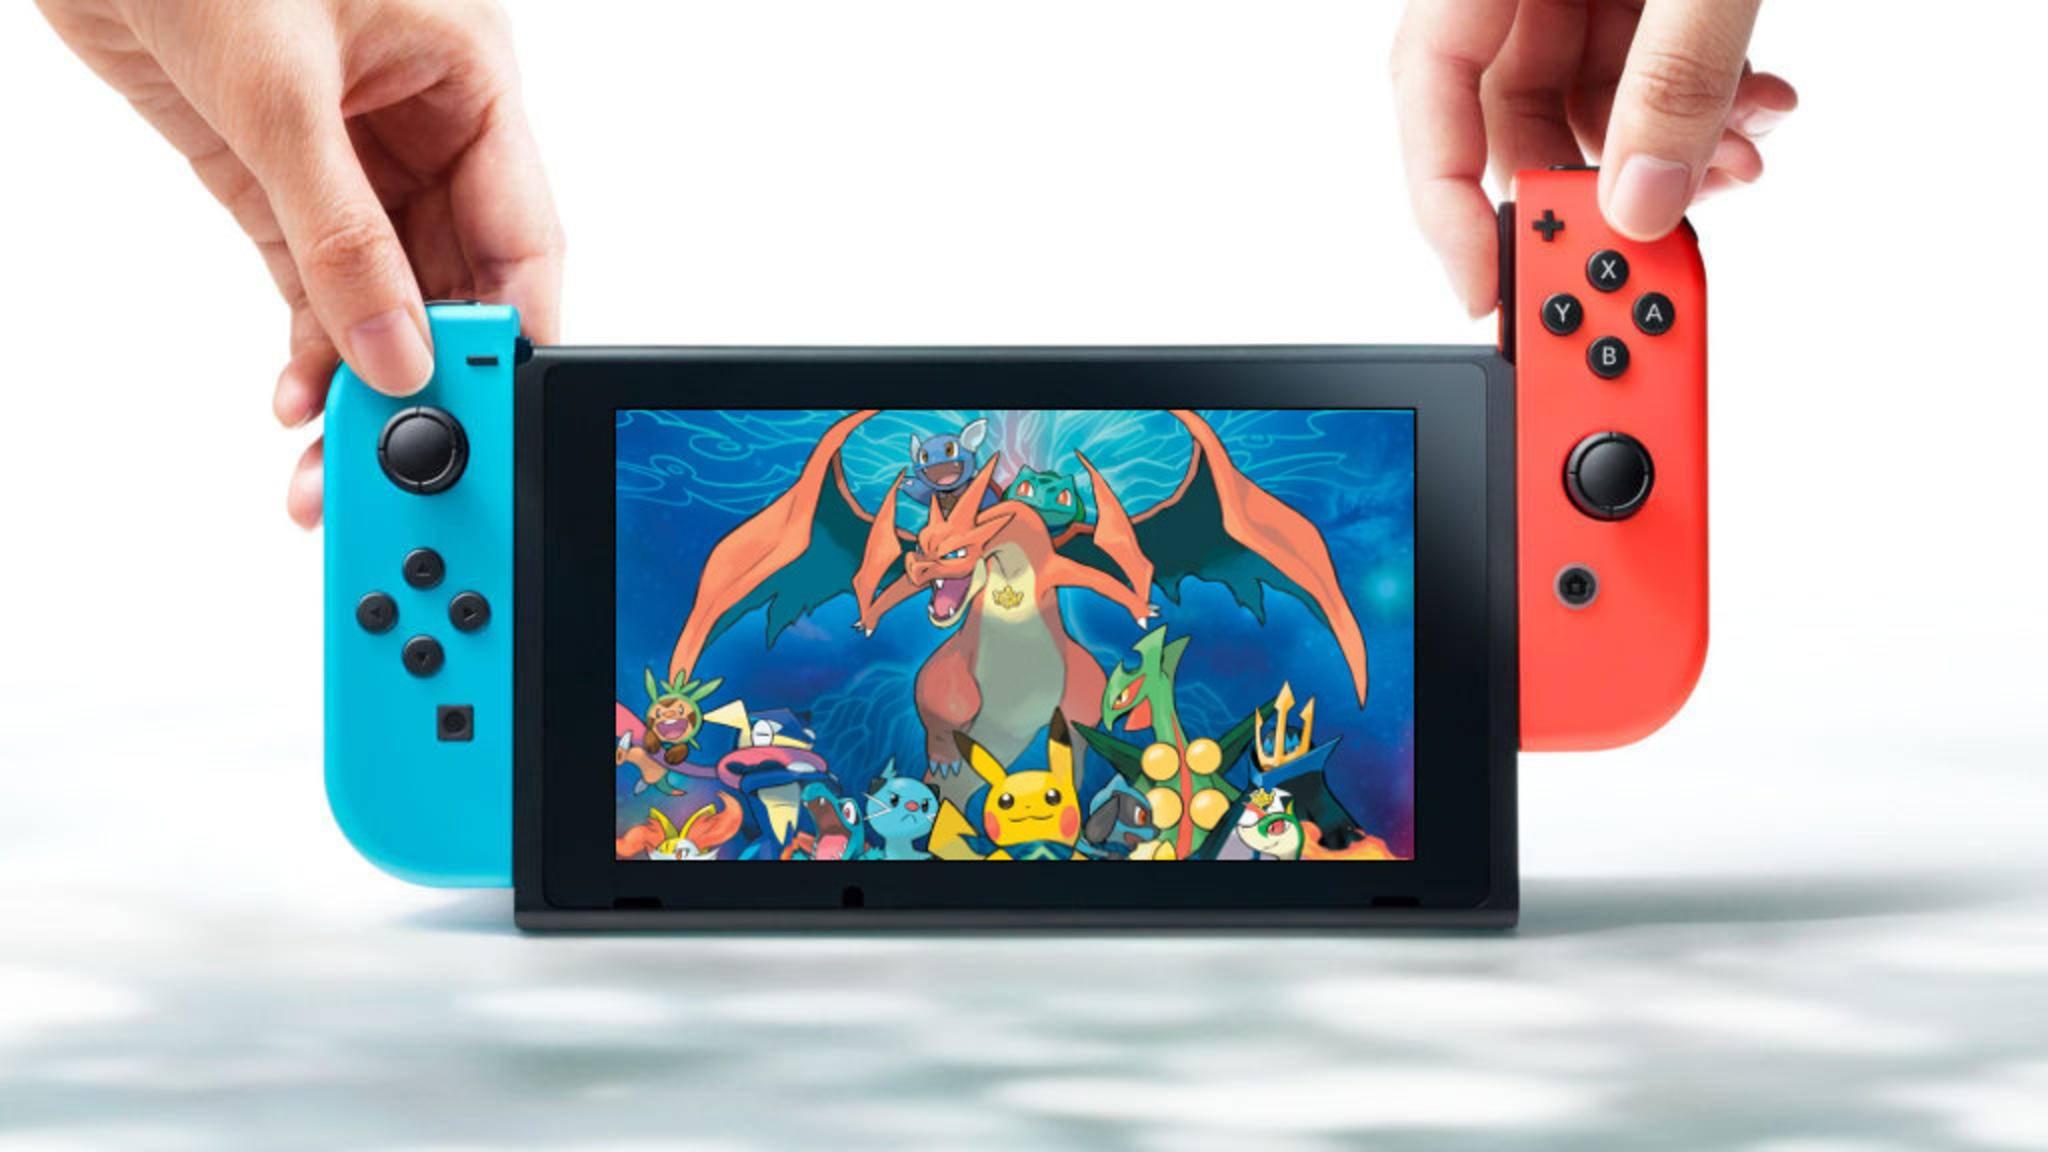 """Ein """"Pokémon""""-Spiel für die Nintendo Switch ist in Arbeit – obwohl der Chefentwickler der kleinen Monster erst nicht an die Konsole glaubte."""